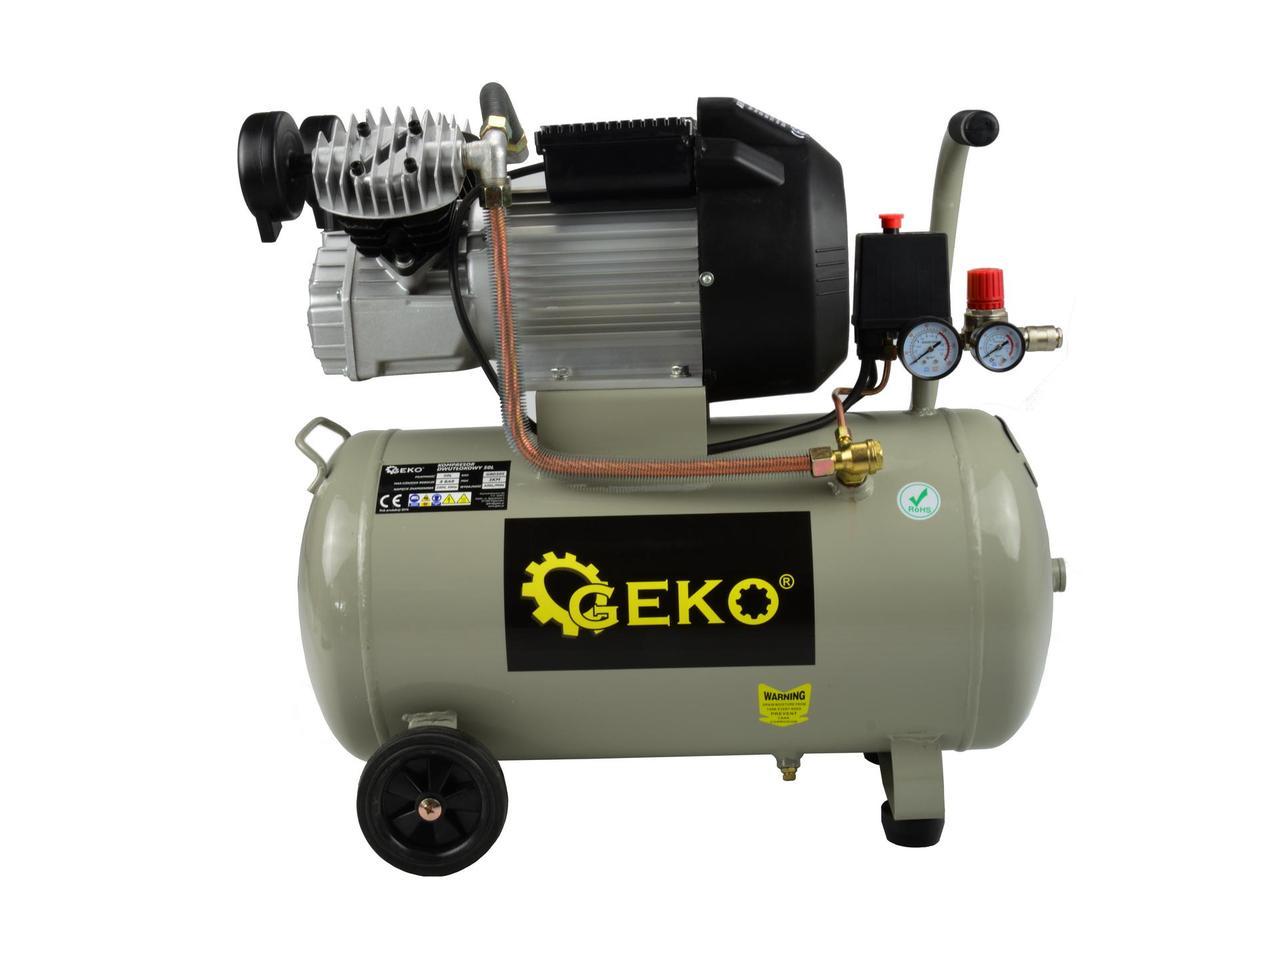 Двухпоршневой масляный компрессор Geko G80305